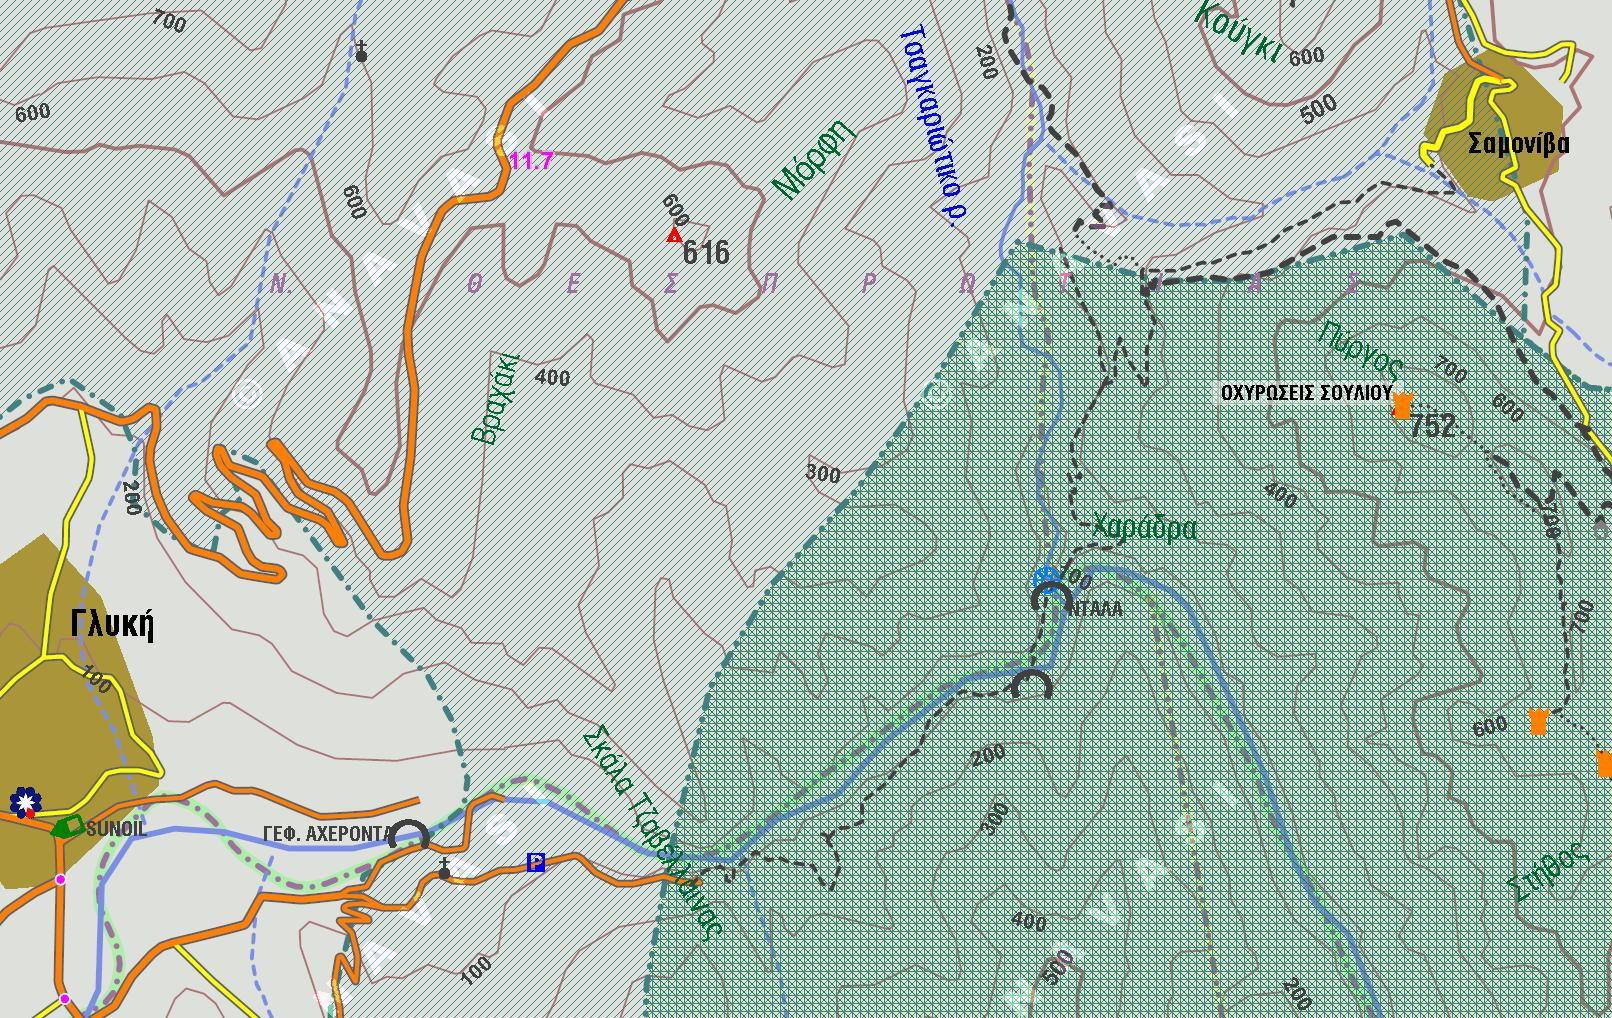 Σκάλα Τζαβέλαινας  Σούλι Αχέροντας Γλυκή χάρτης πηγές Αχέροντα